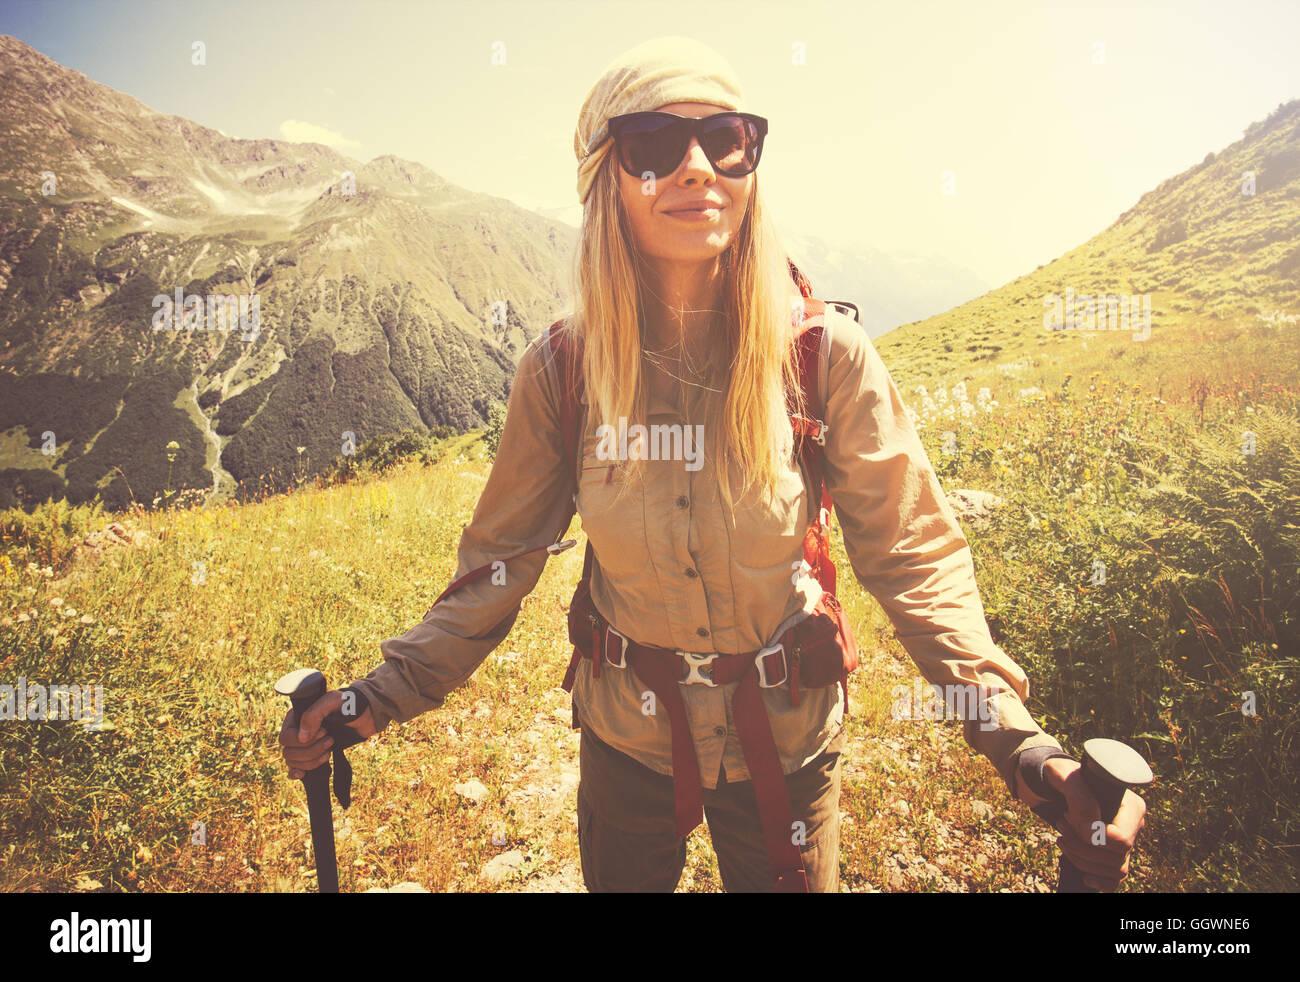 Donna felice con zaino escursionismo viaggio concetto Lifestyle vacanze outdoor montagne sullo sfondo giornata soleggiata Immagini Stock